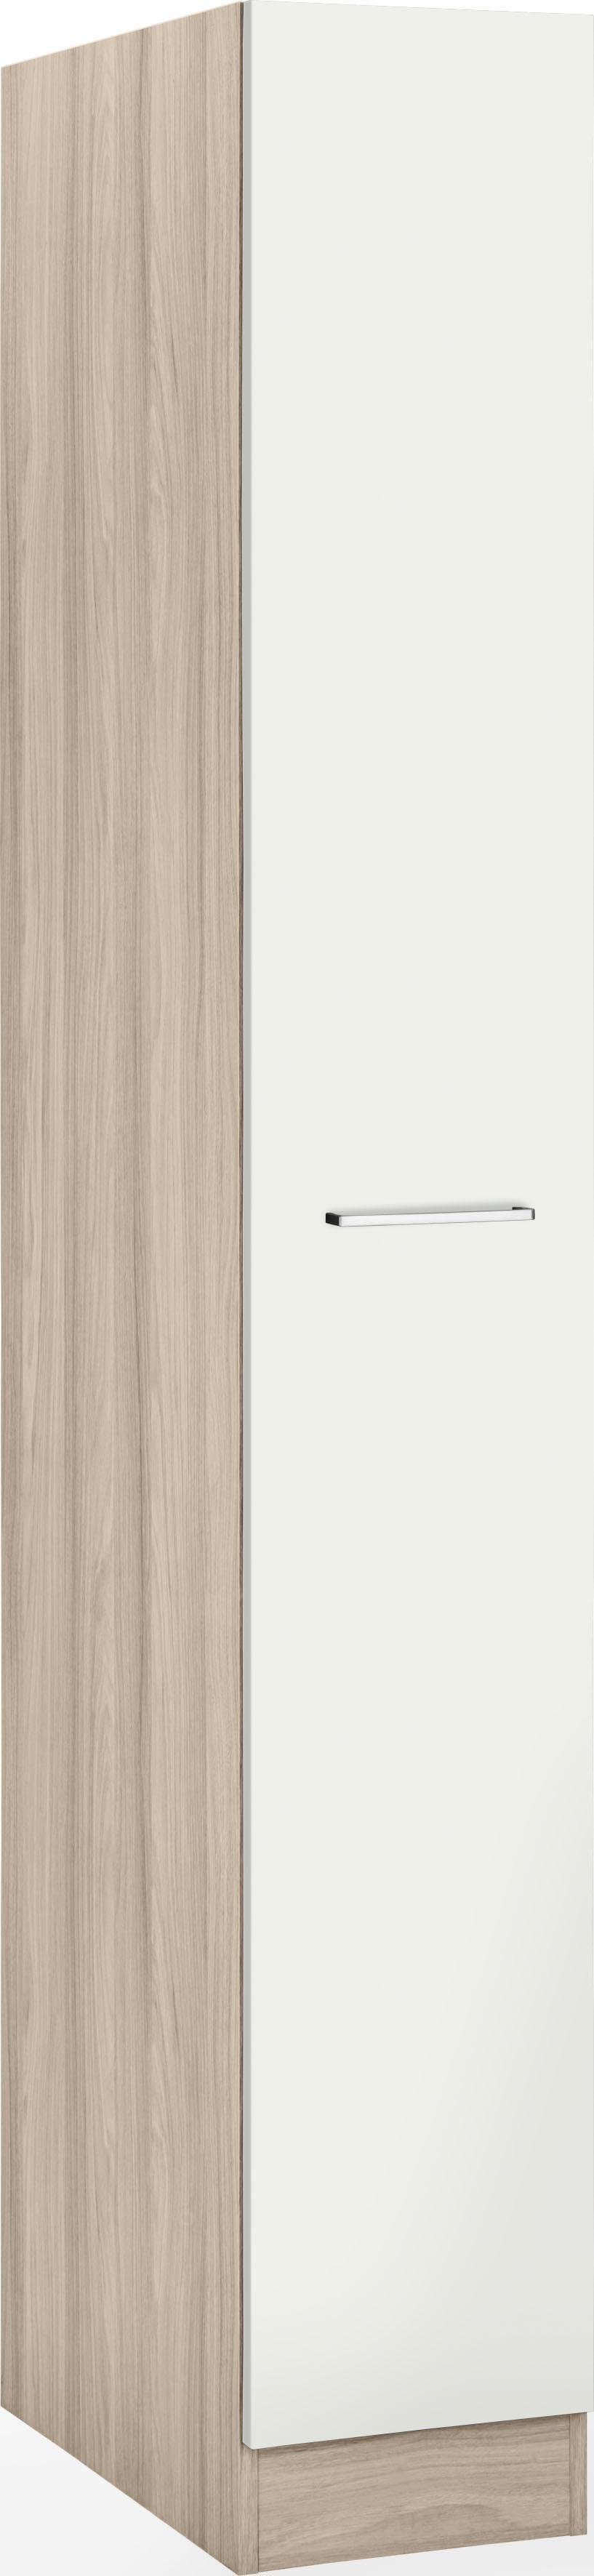 WIHO Küchen Apothekerschrank Zell | Küche und Esszimmer > Küchenschränke > Apothekerschränke | Weiß | Melamin | Wiho Küchen